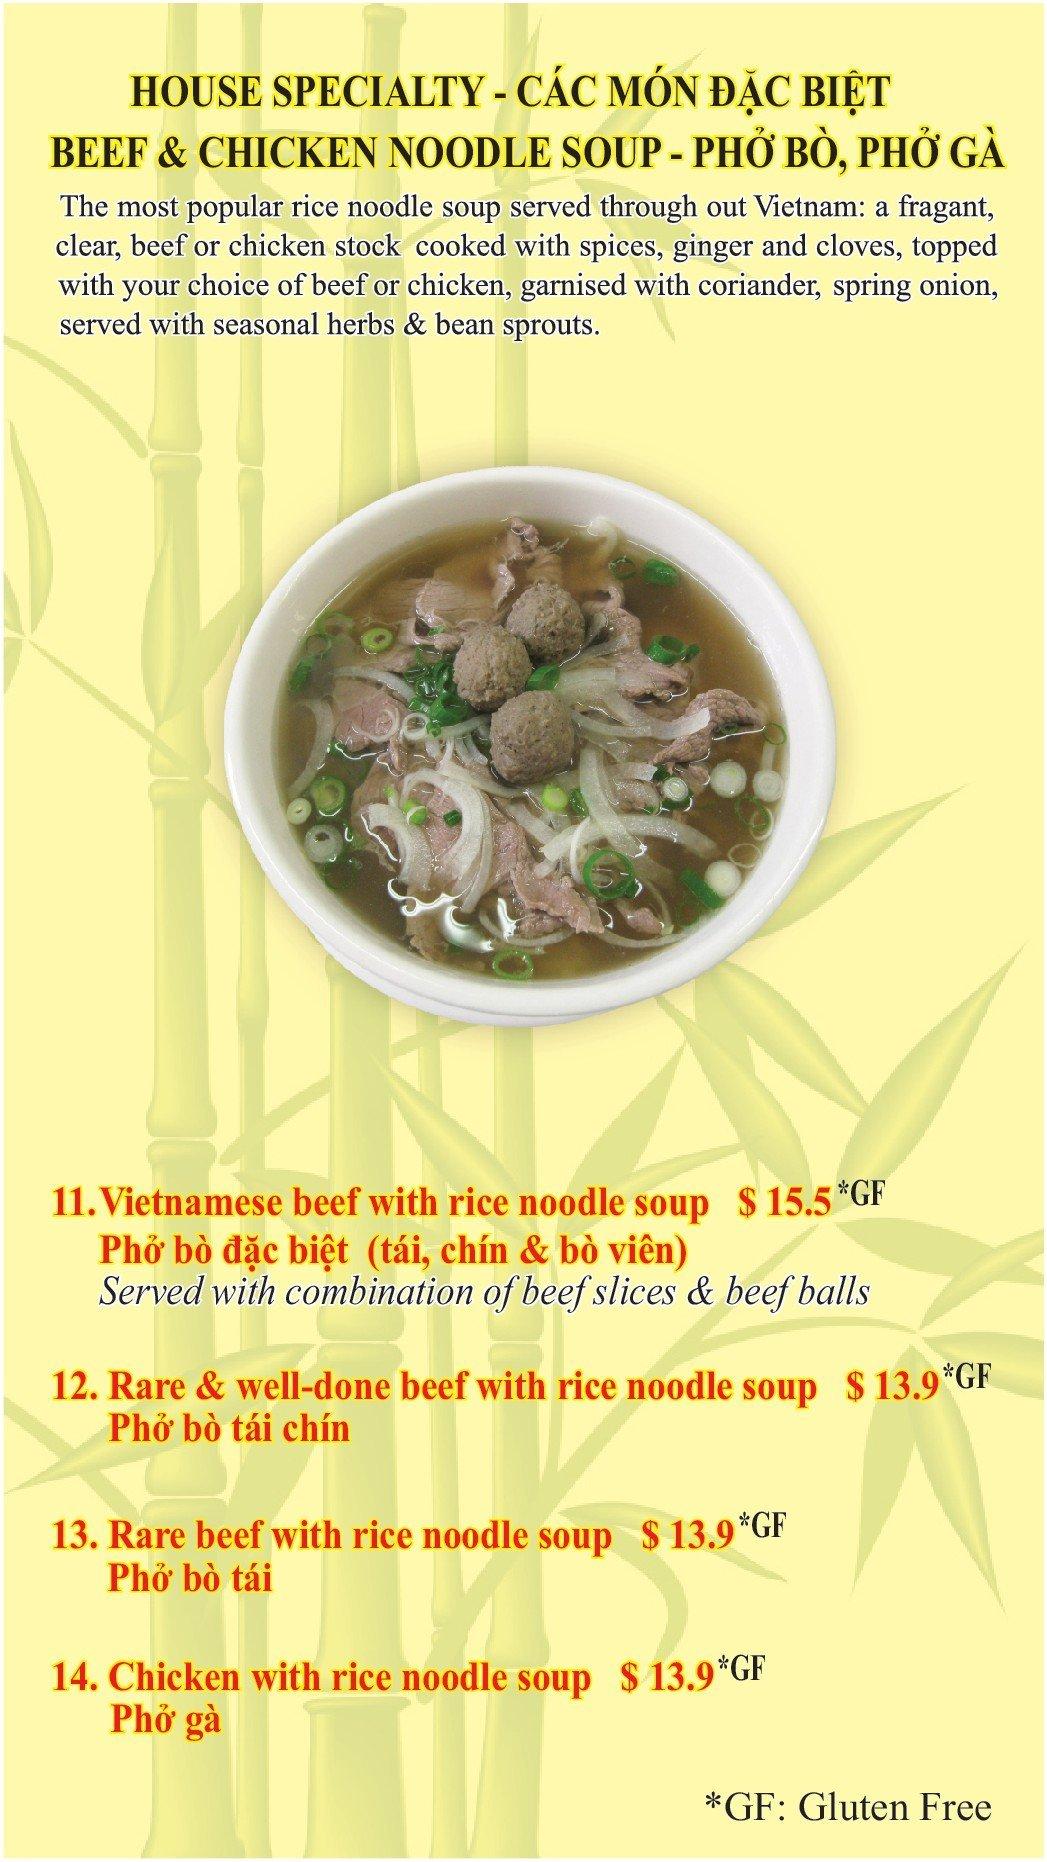 Specialty dish menu